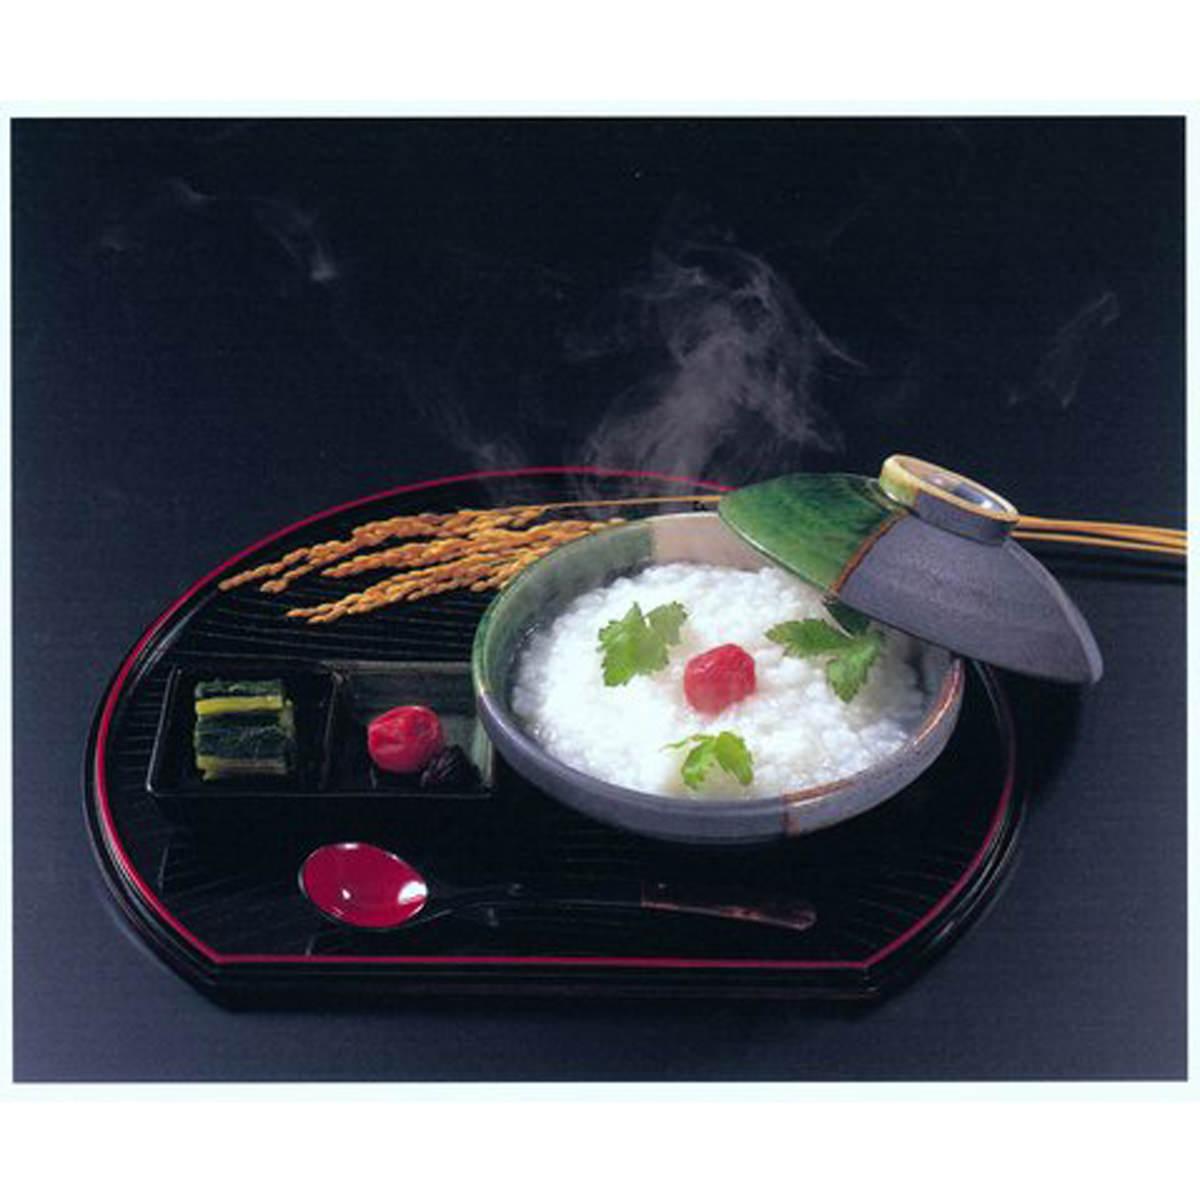 こまち食品工業 添加物不使用おかゆ 愛されて30年 秋田県産あきたこまち こまちがゆ レトルト〔280g×3〕